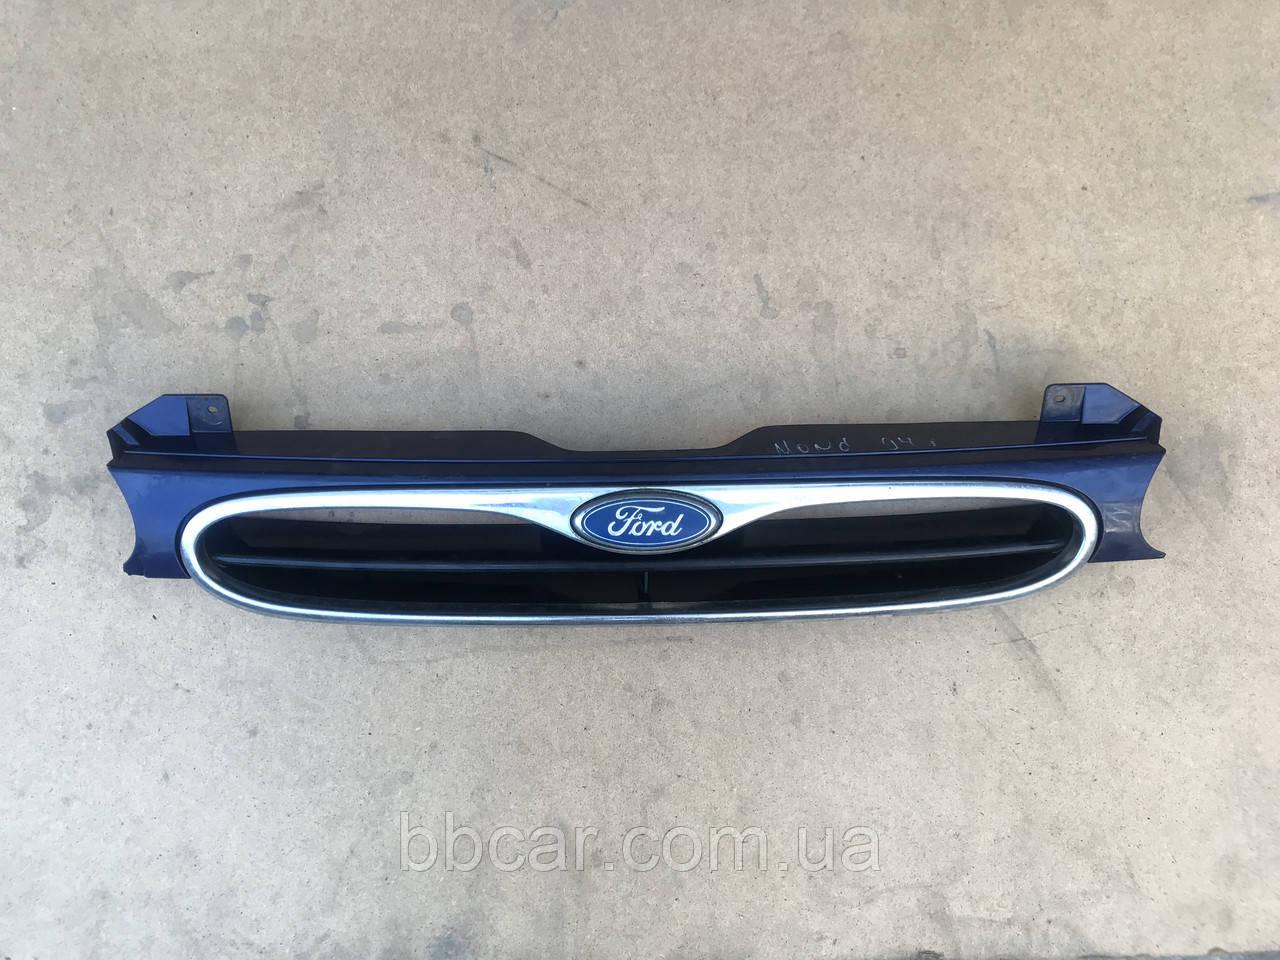 Решітка Ford Mondeo MK1  1994-1996 р-в  93-BG-8200-AFW